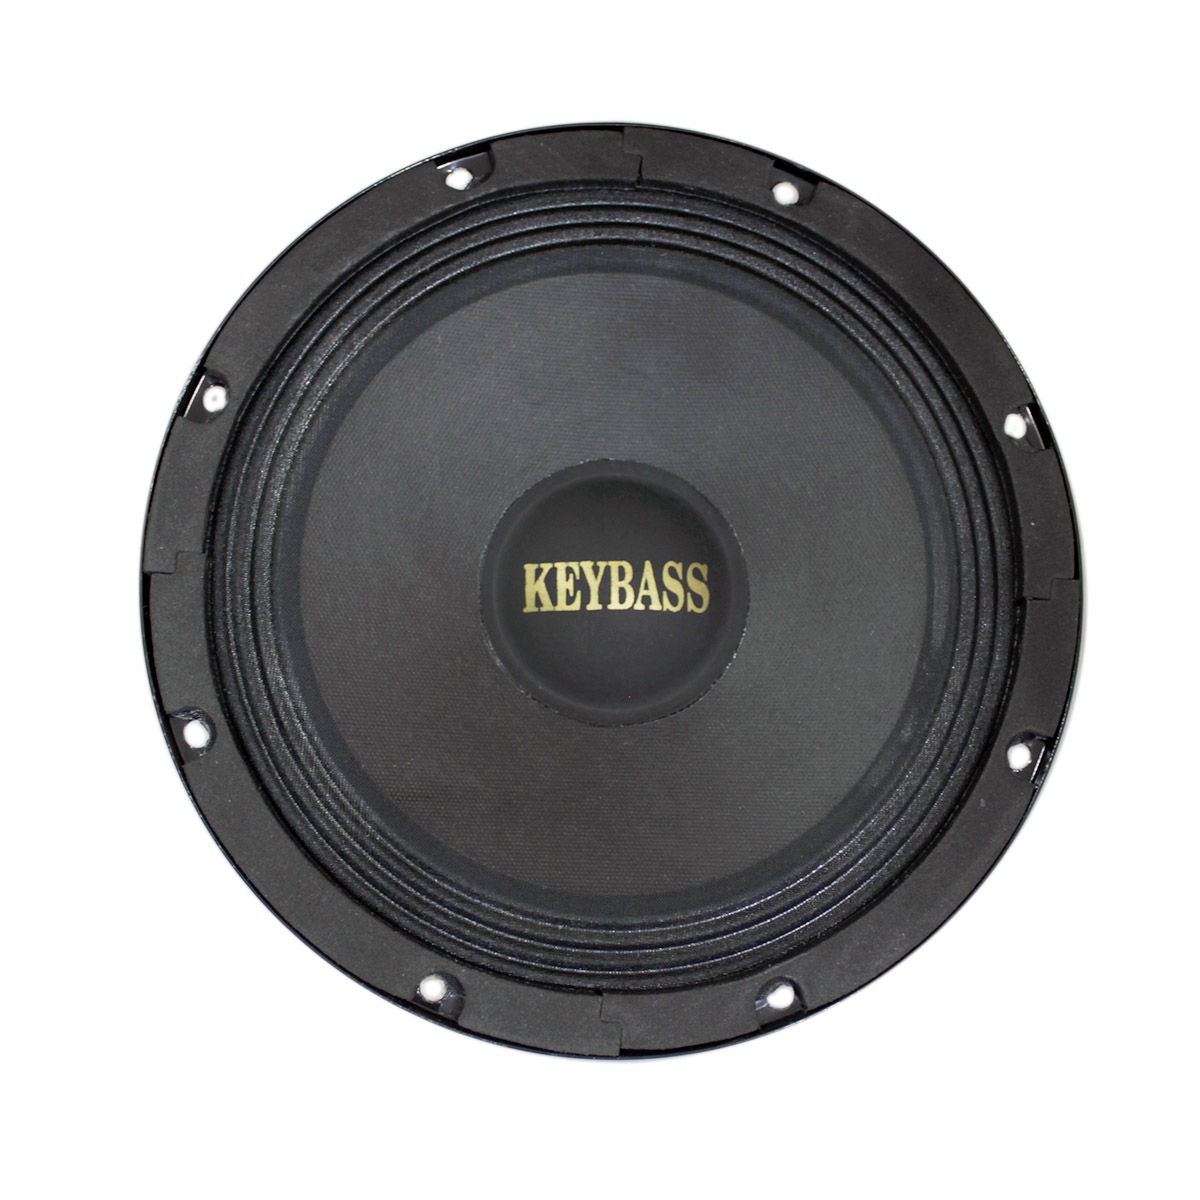 Alto-falante de 8 Polegadas com 125W em 8oh Keybass 8KW3